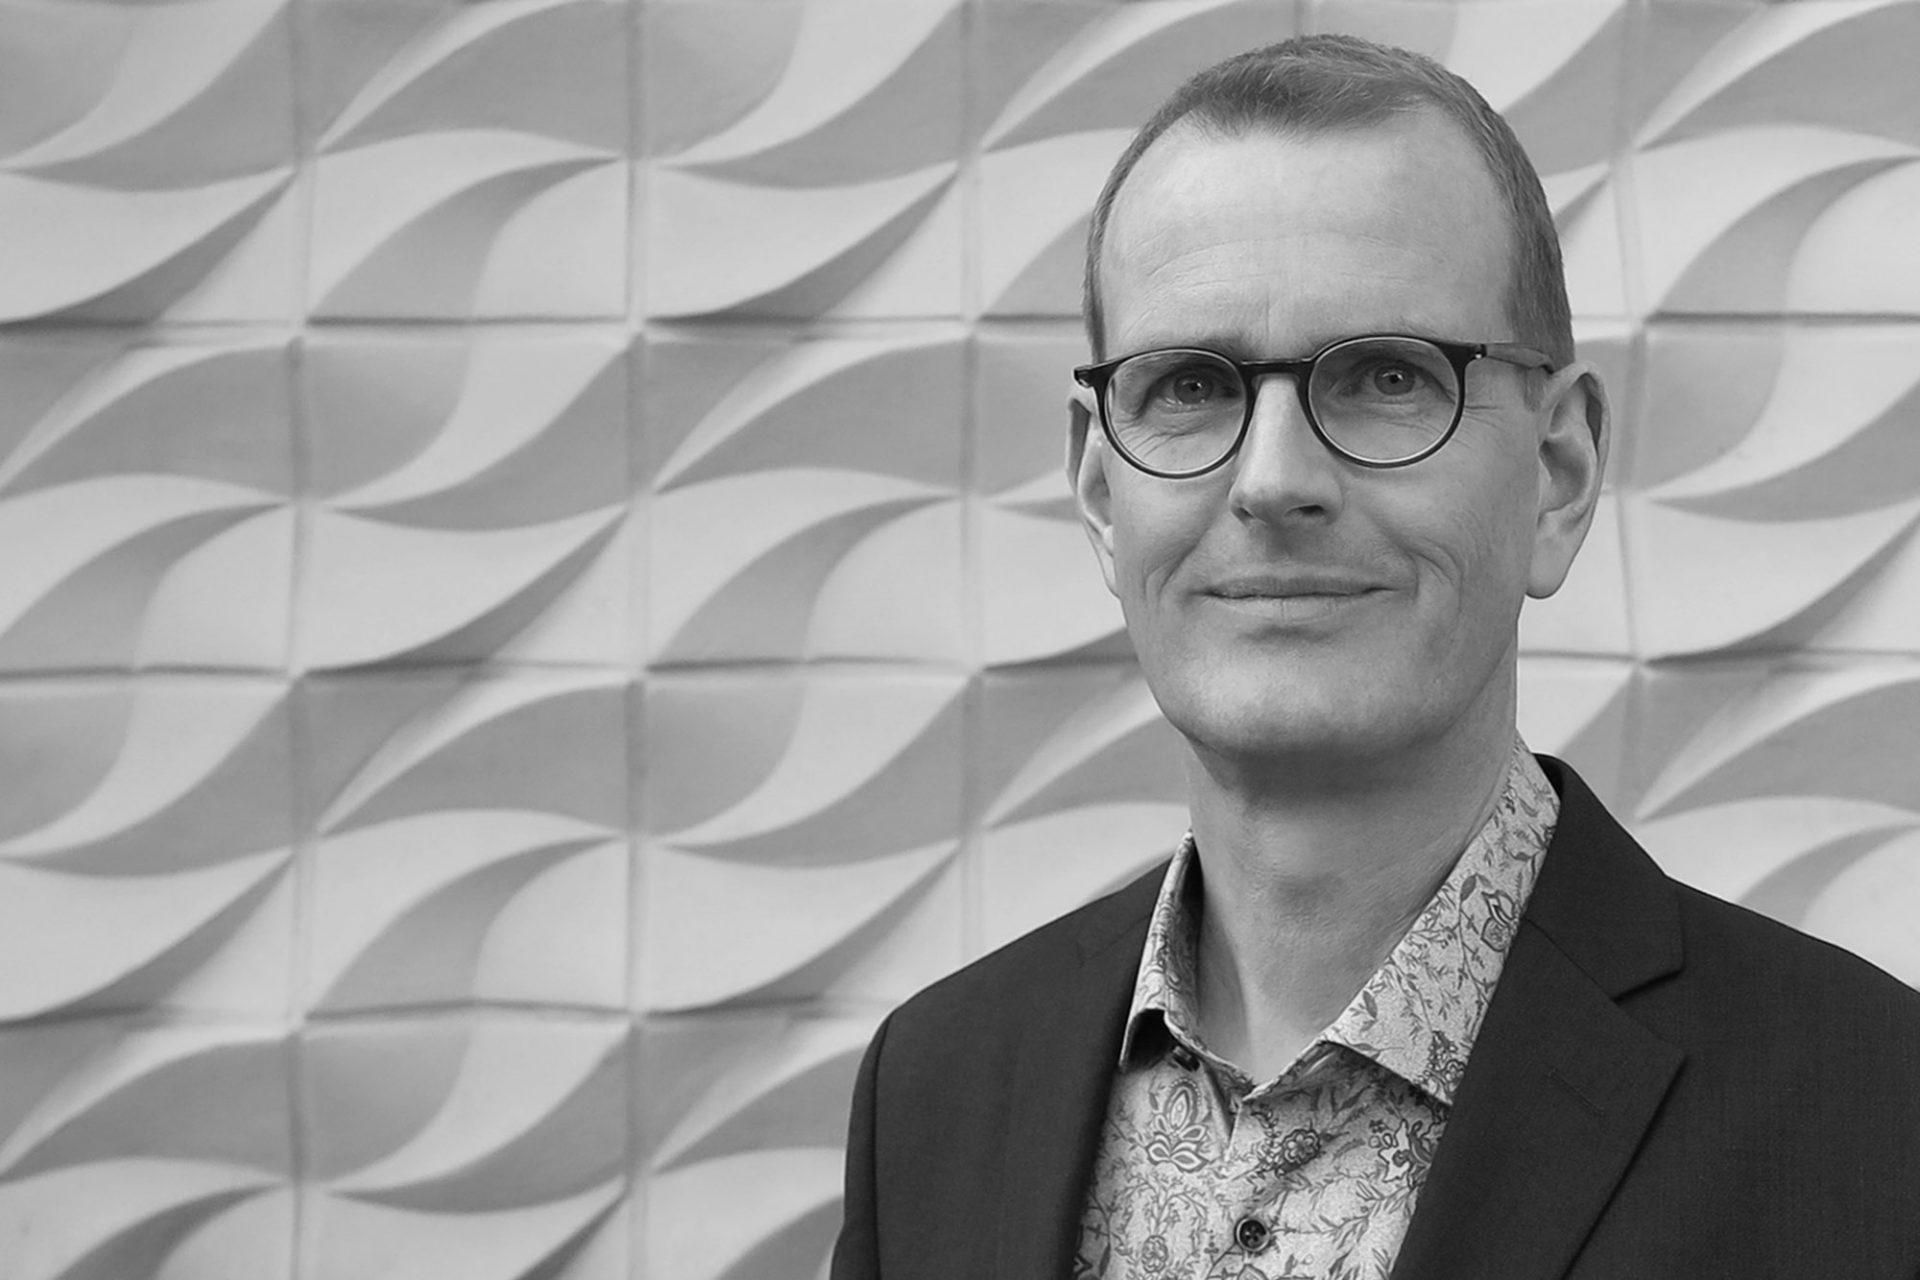 """Steffen Obermann. leitet zusammen mit Michael Ewerien """"adb –Büro für Architektur, Denkmalpflege und Bauforschung"""". Das Büro wurde 1991 gegründet."""